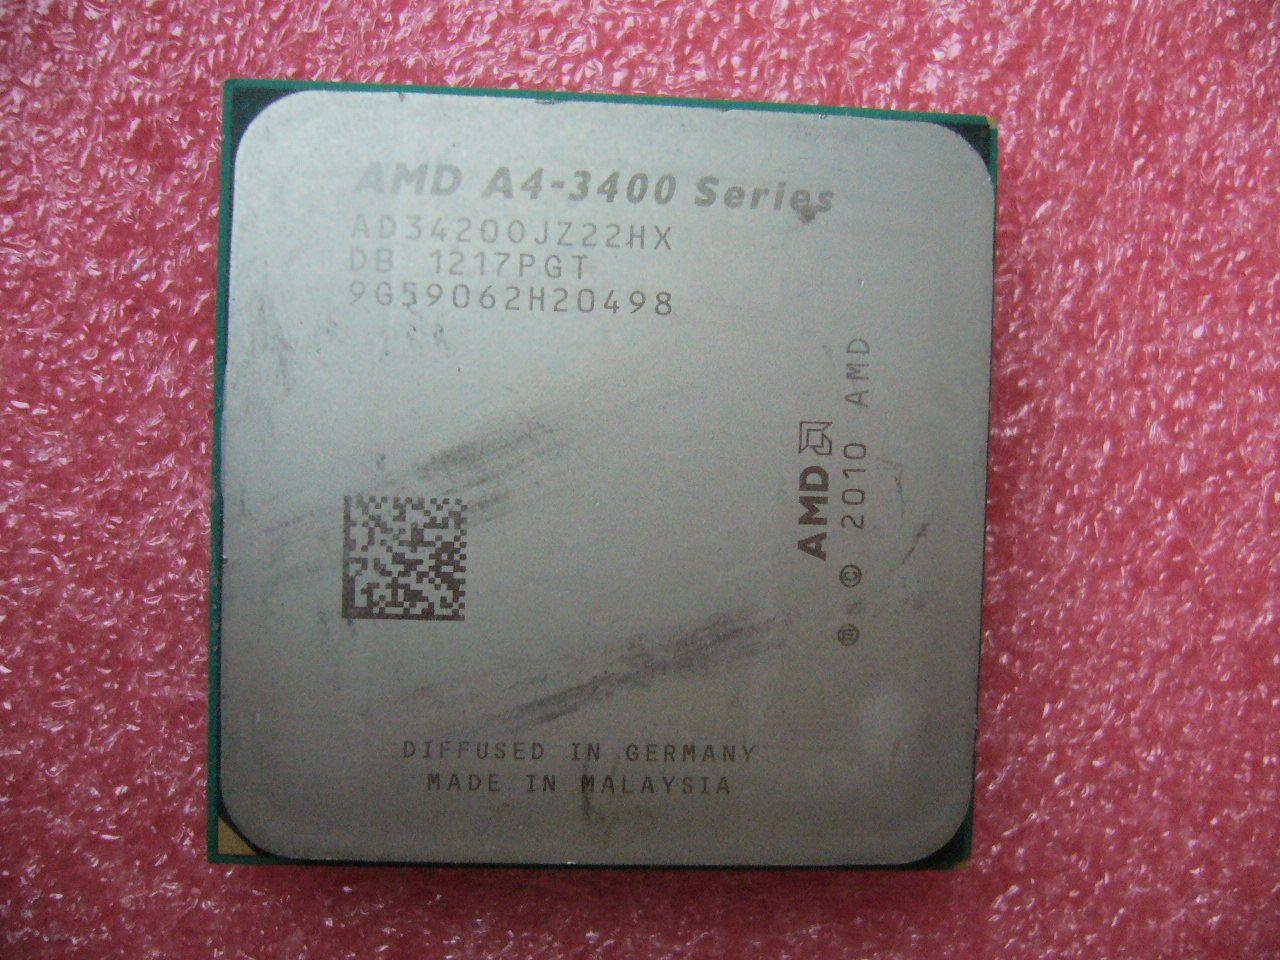 Menge 1x AMD Fusion A4-3420 2.8 GHz Dual-Core (AD3420OJZ22HX) CPU Sockel FM1